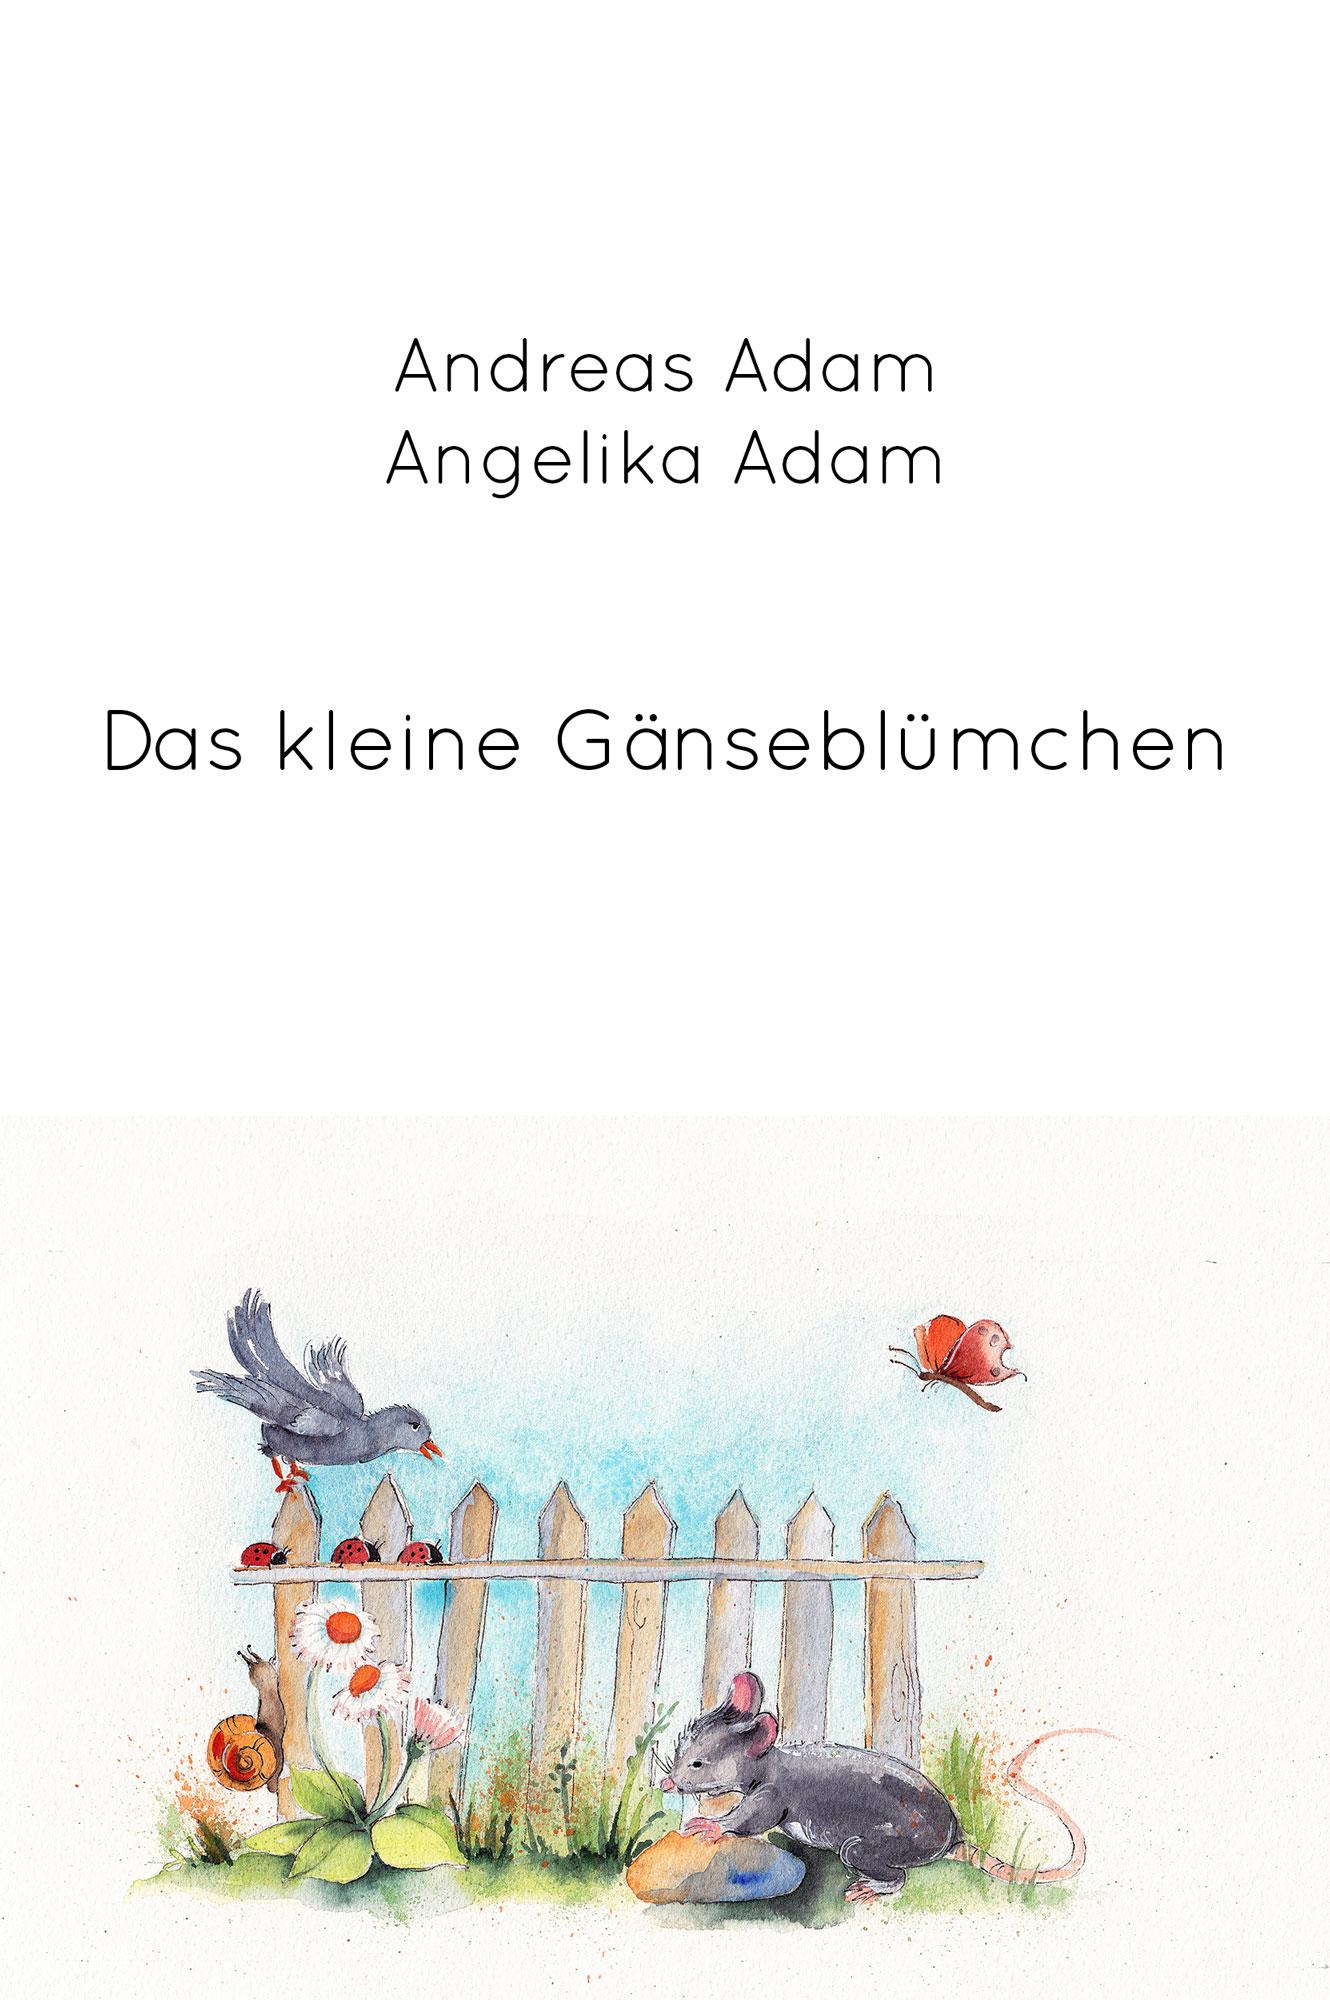 Andreas Adam, Angelika Adam: Das kleine Gänseblümchen